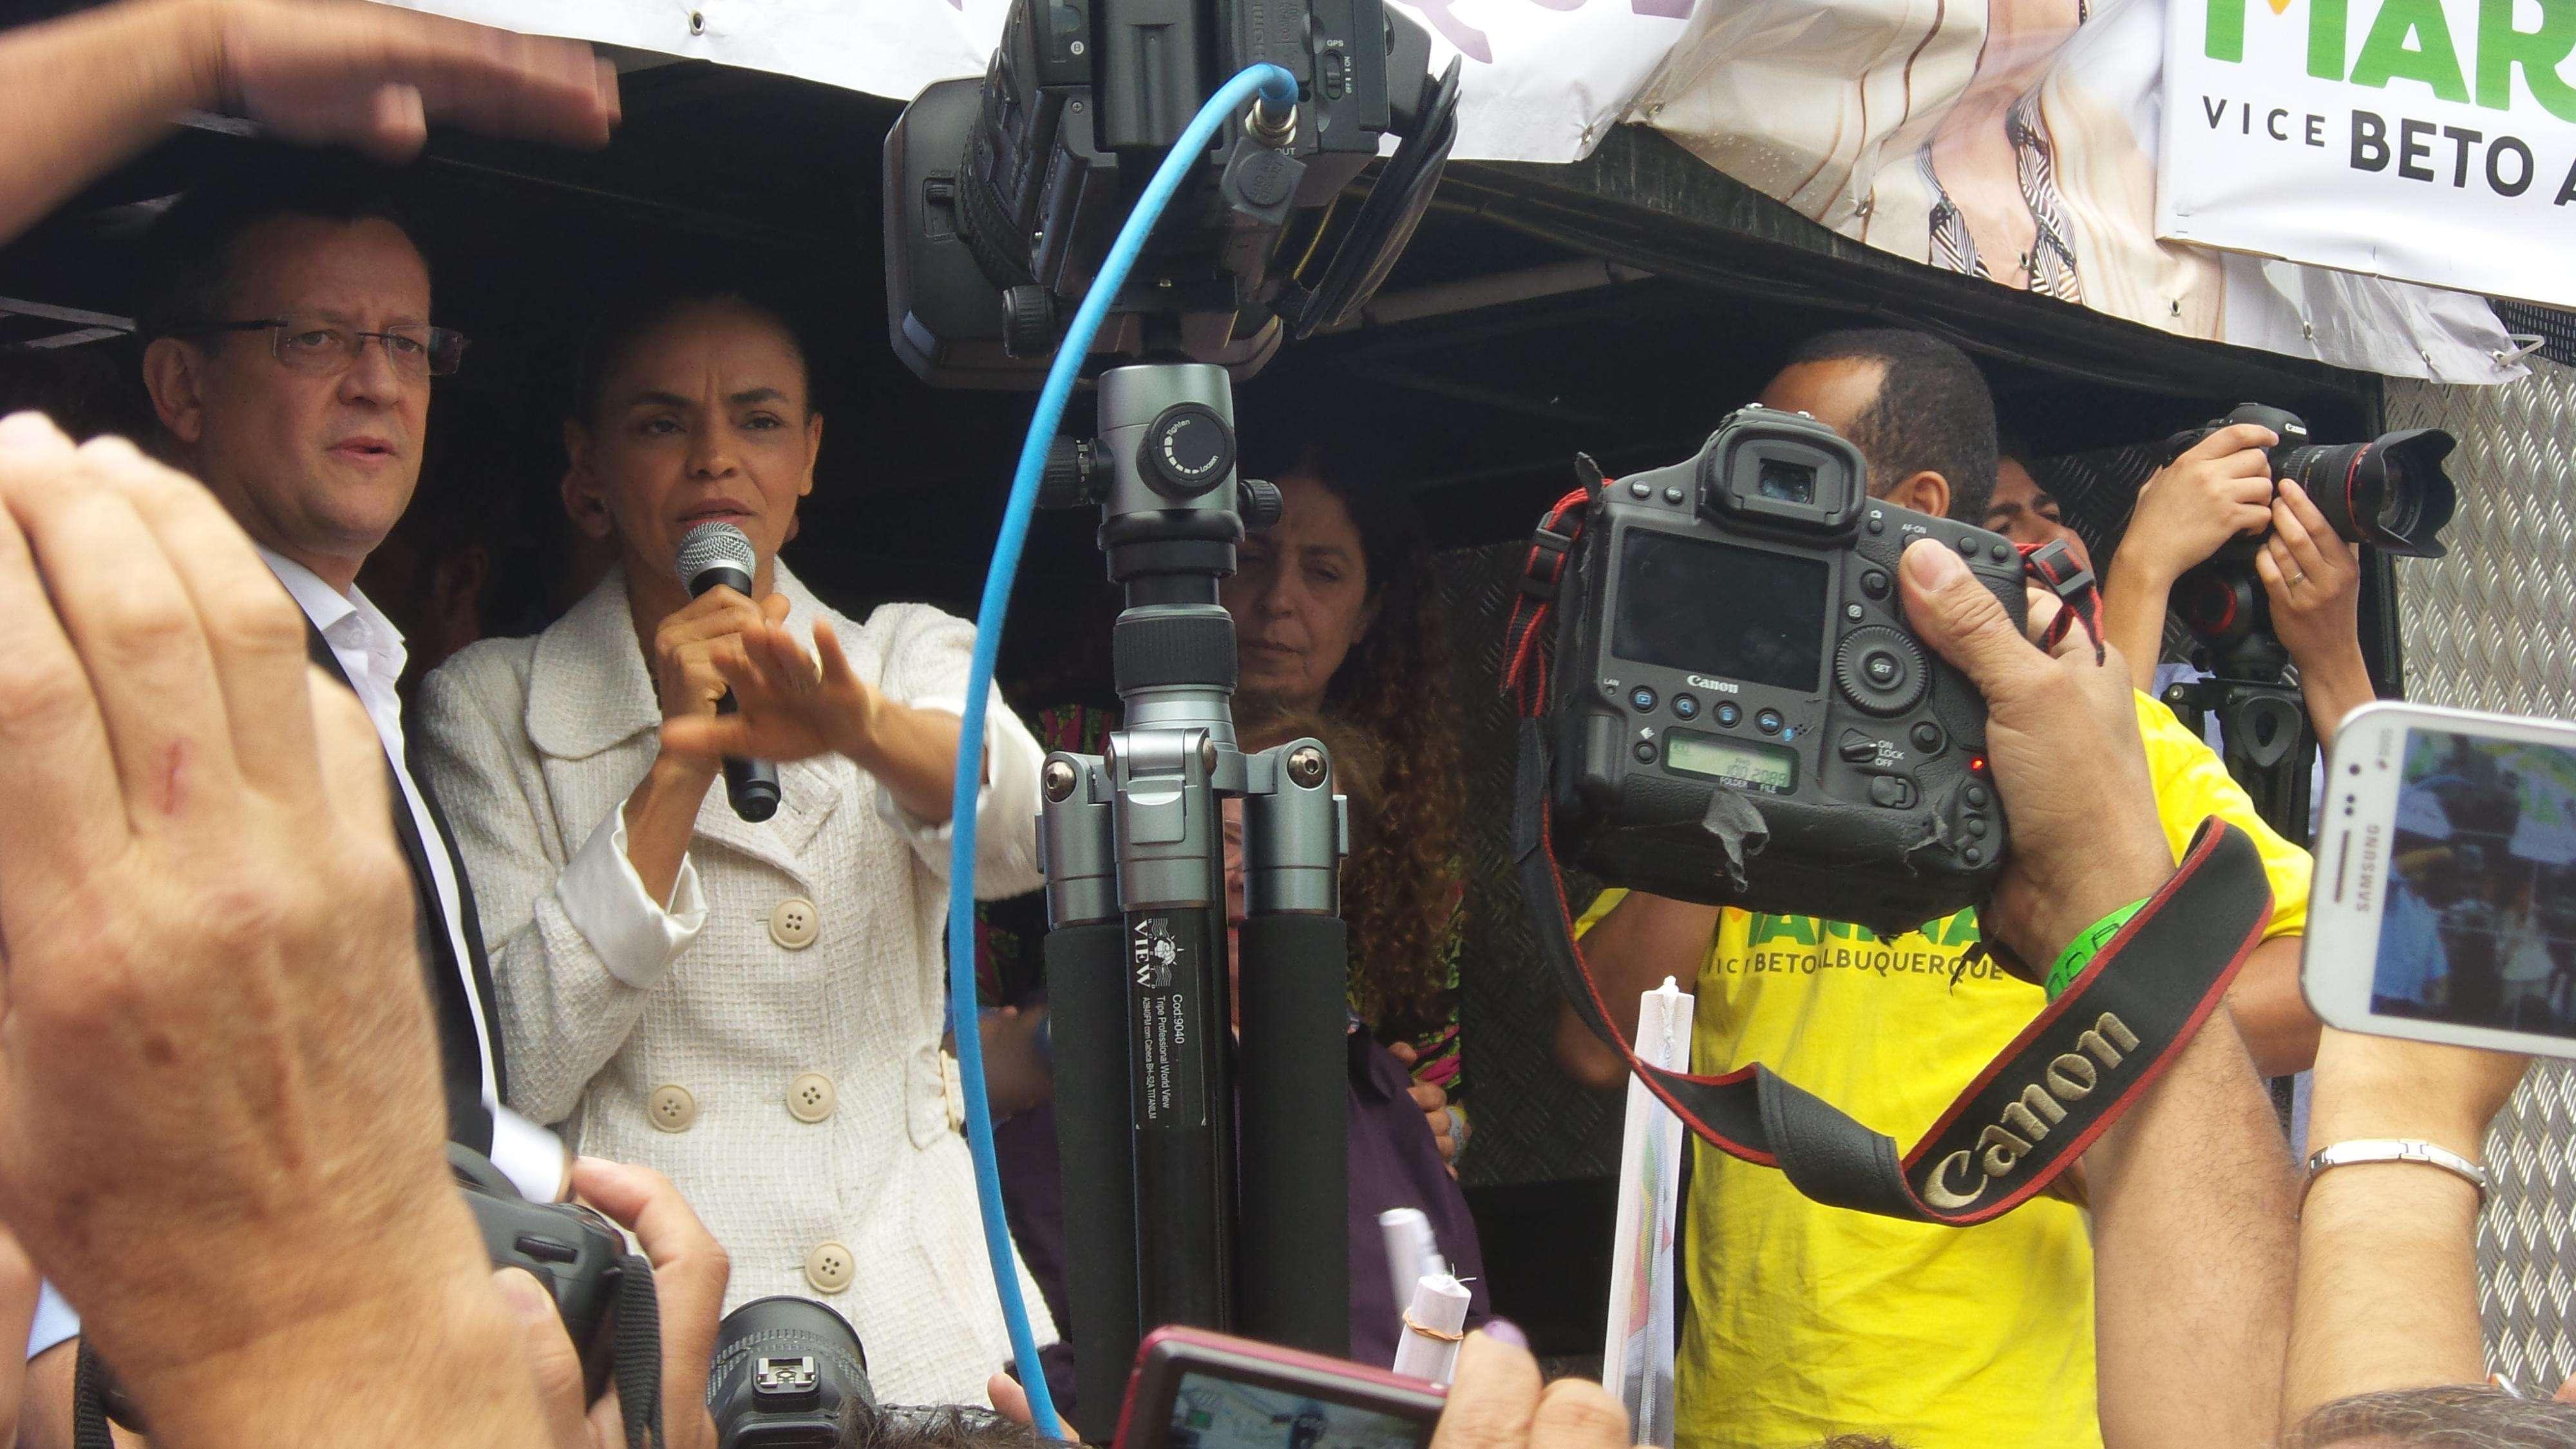 Marina Silva, o vice, Beto Albuquerque, e a coordenadora de campanha, Luiza Erundina,em ato de campanha em São Bernardo Foto: Janaina Garcia/Terra